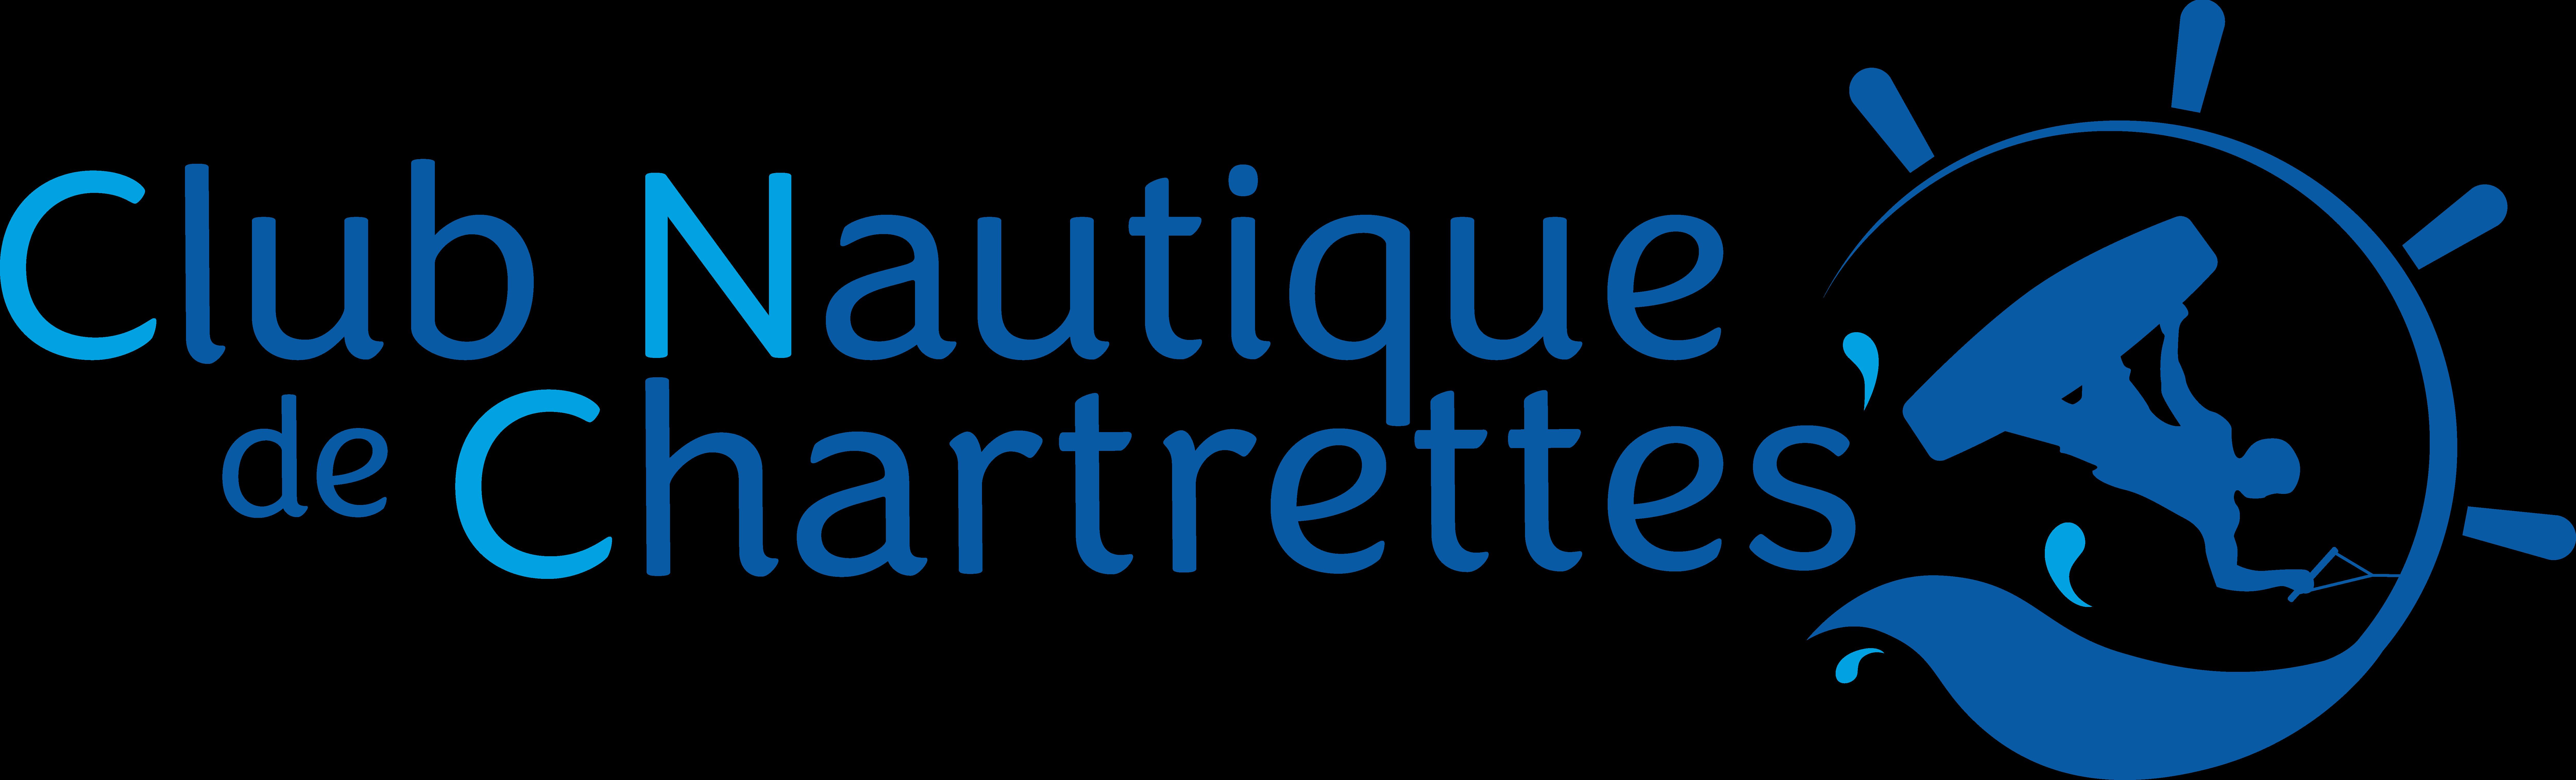 Club Nautique de Chartrettes (77)